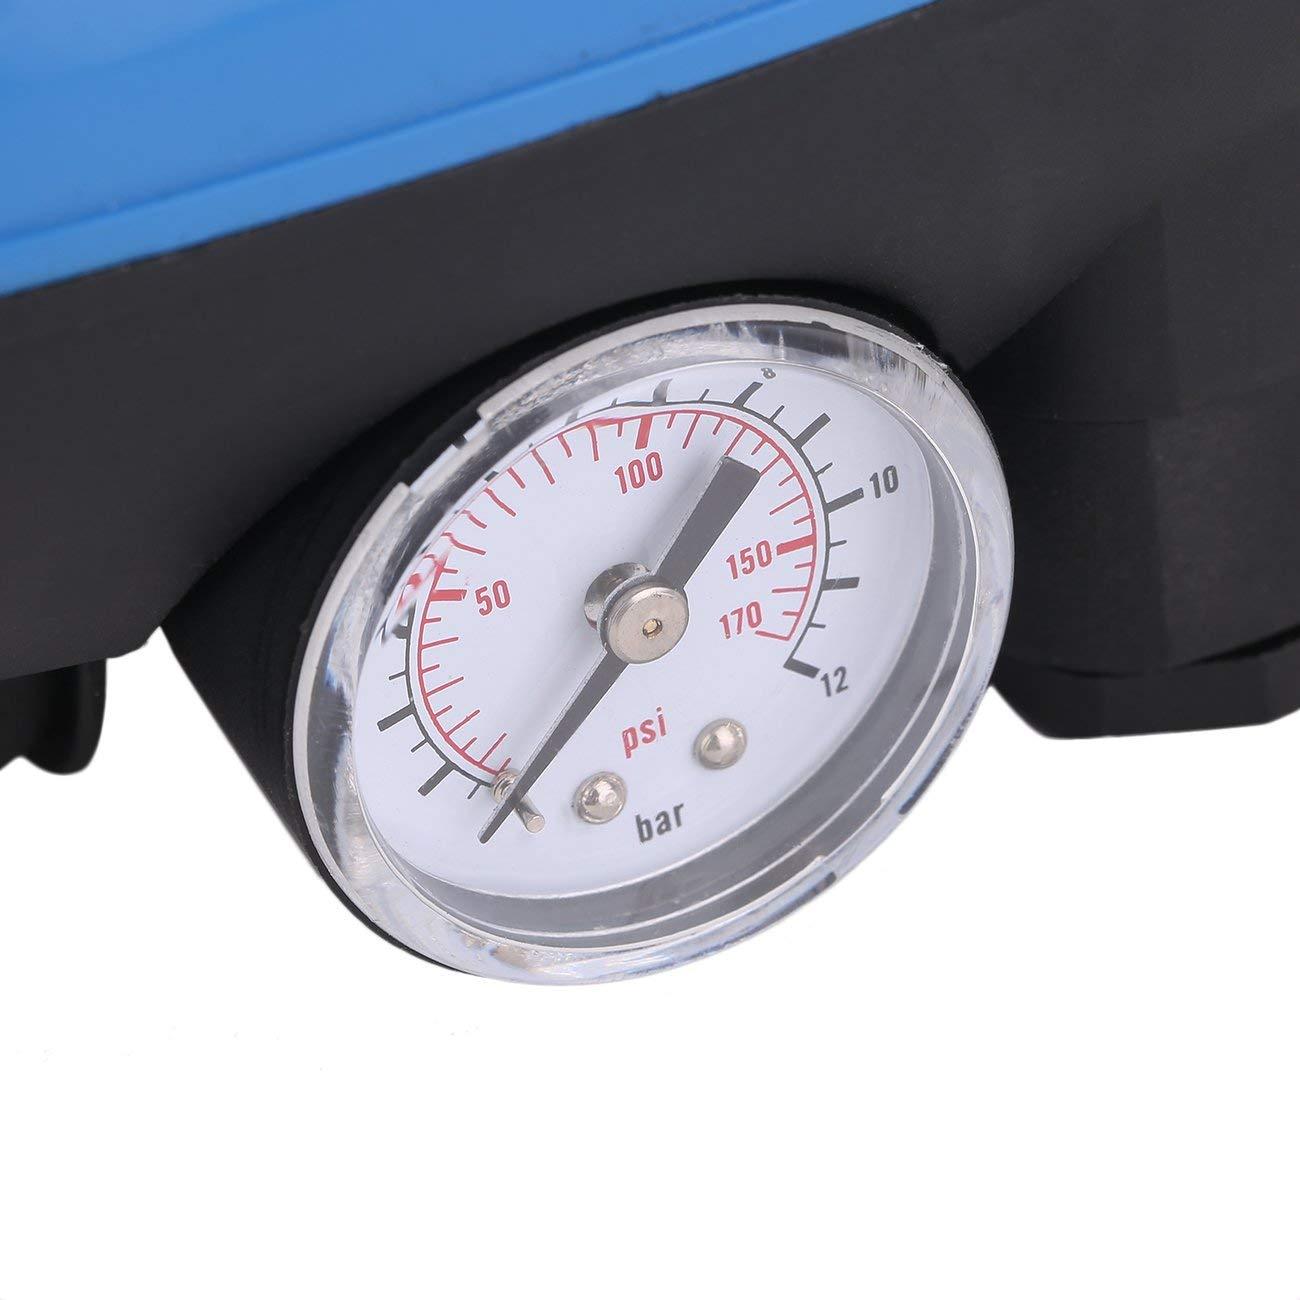 Elviray SKD-5 Regolatore di Pressione con pressostato elettronico per Pompa dellAcqua Professionale con manometro